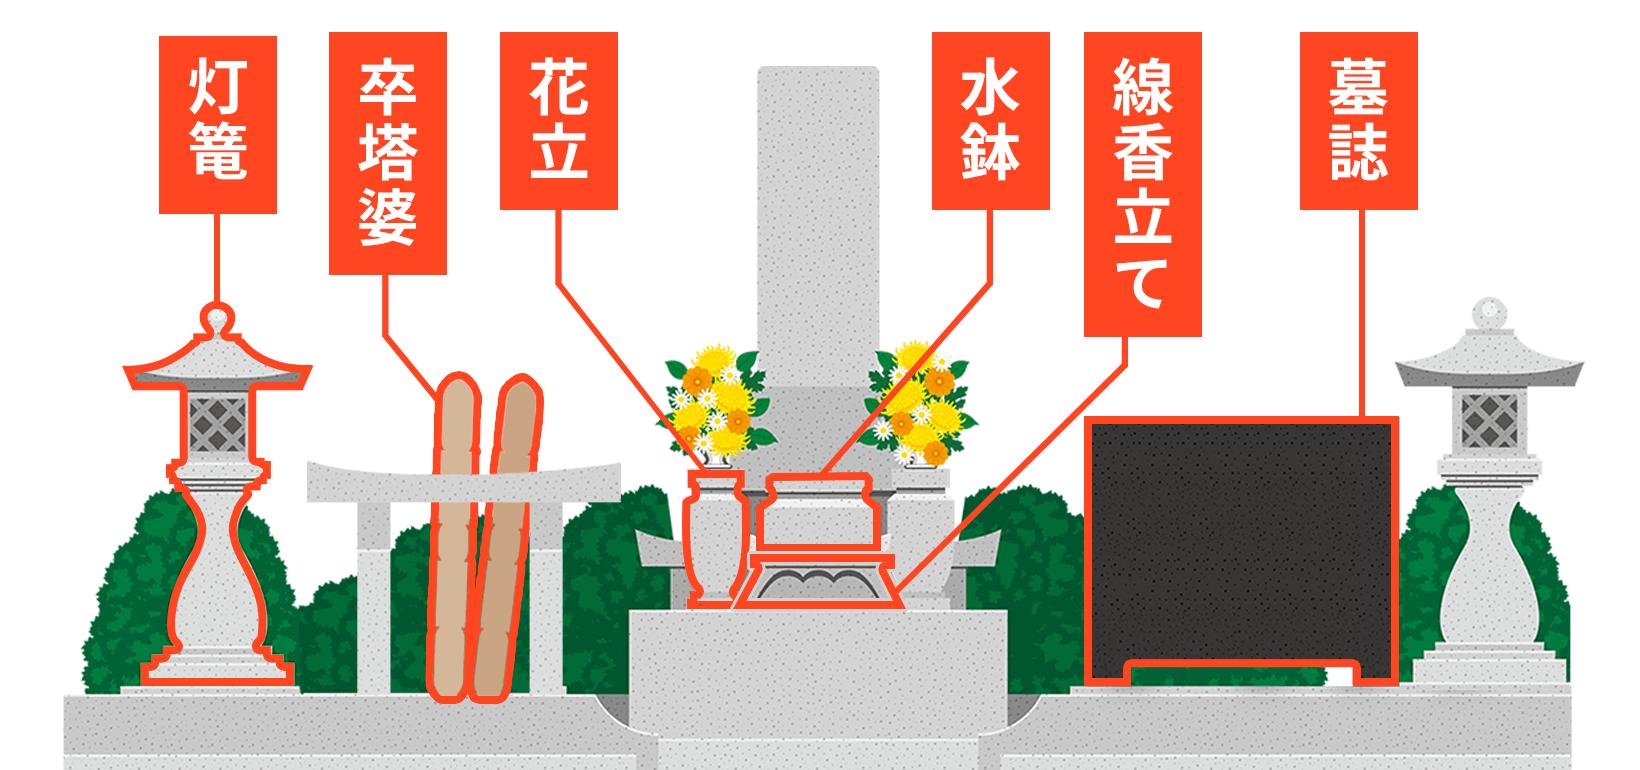 お墓周りの小物にも費用がかかる。主なものは墓誌(ぼし)、灯篭(とうろう)、卒塔婆(そとば)、花立、線香立て、水鉢